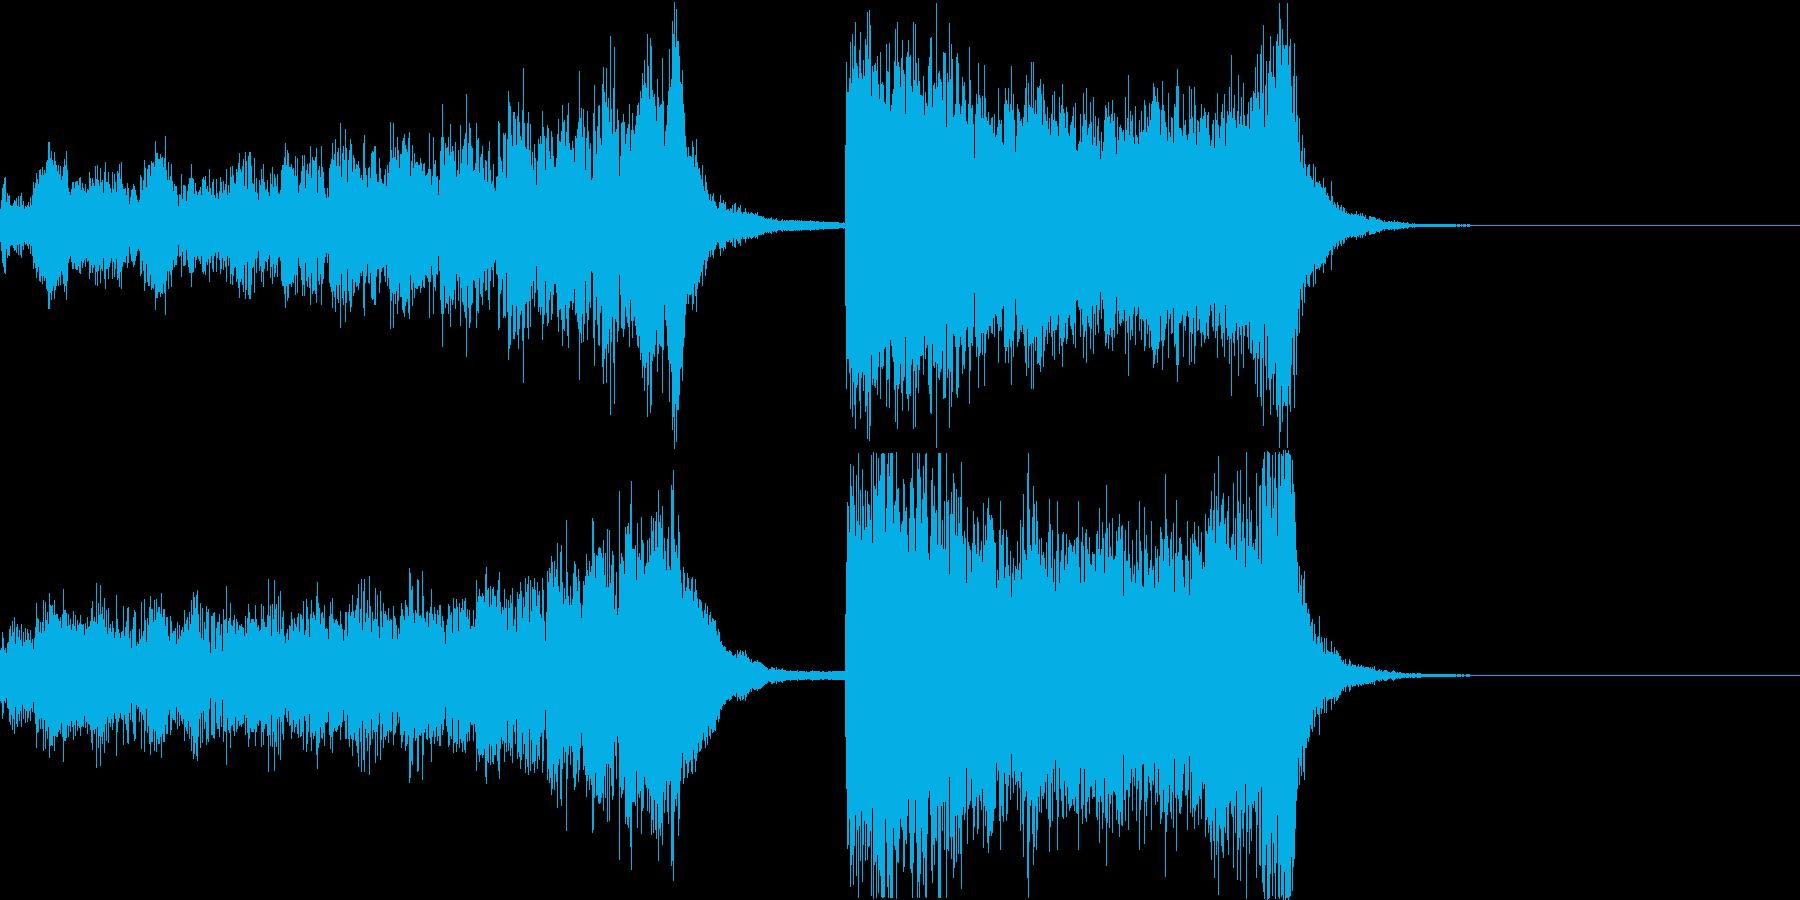 鬼気迫るオーケストラ・ジングルの再生済みの波形